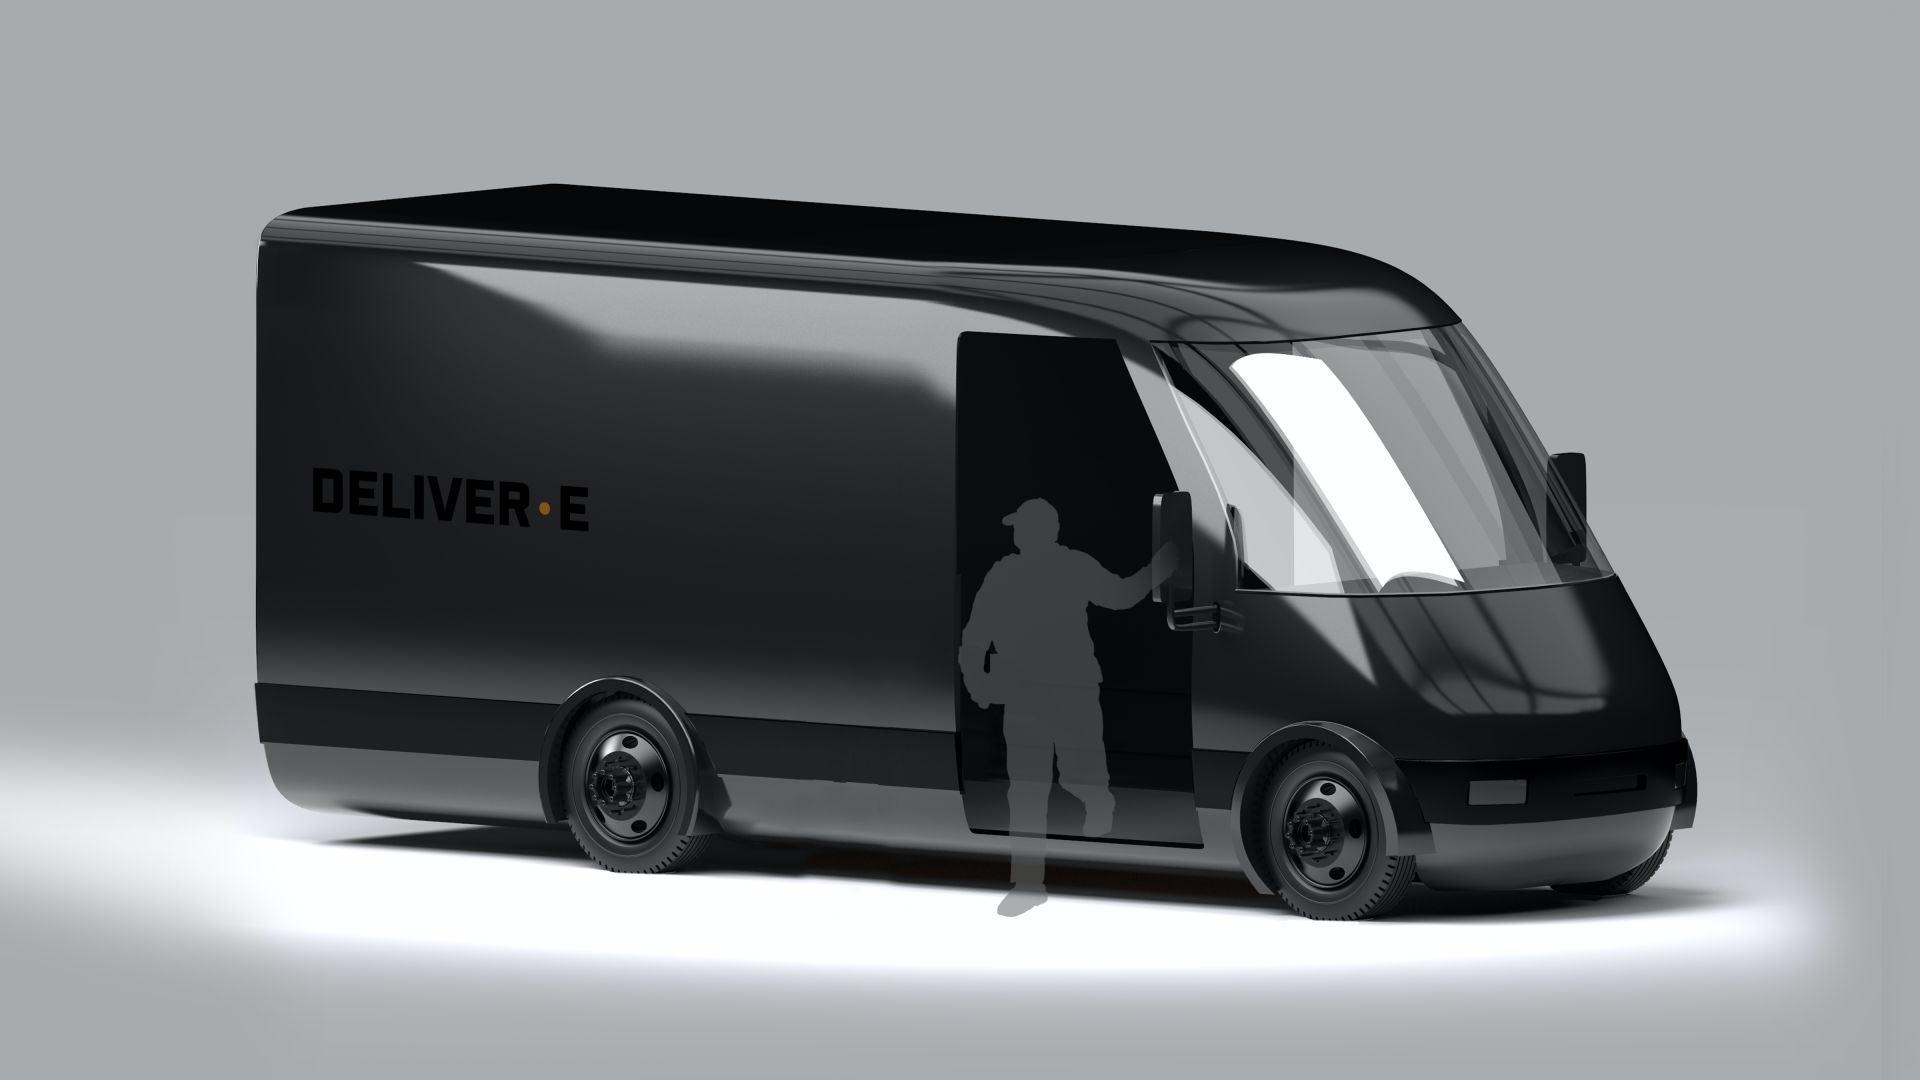 Bollinger-Deliver-E-van-2